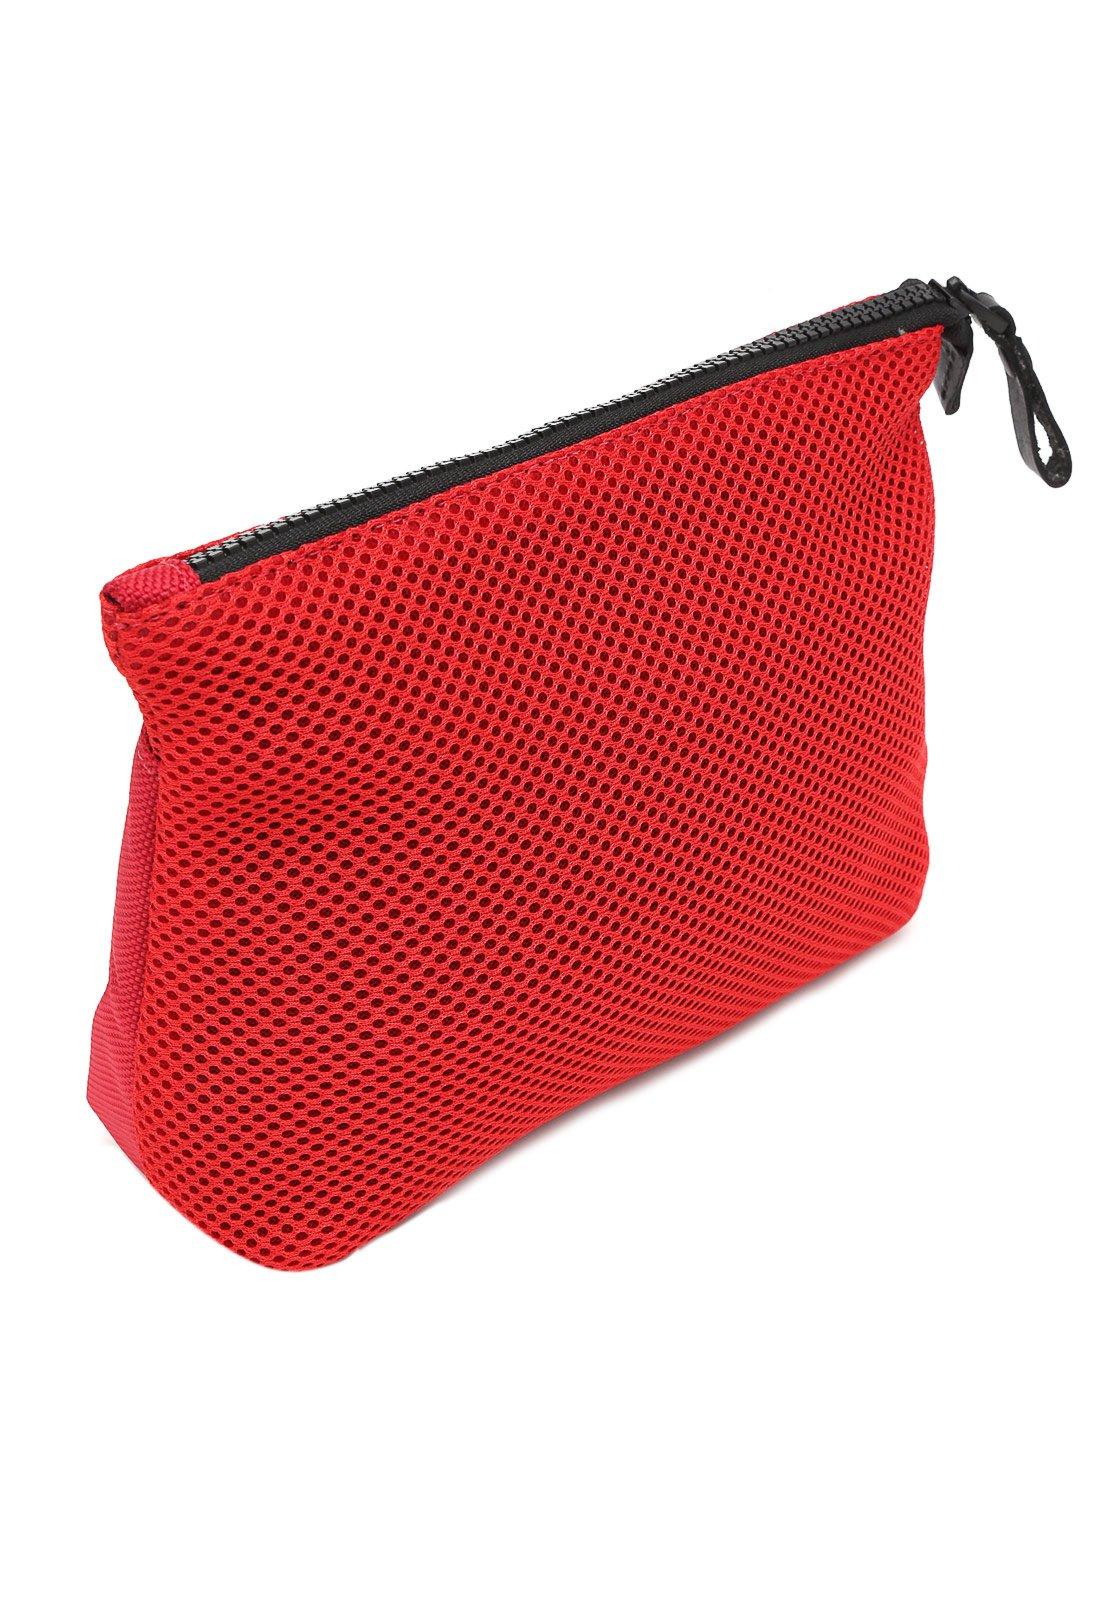 Necessaire Calvin Klein Recortes Vermelha - Compre Agora